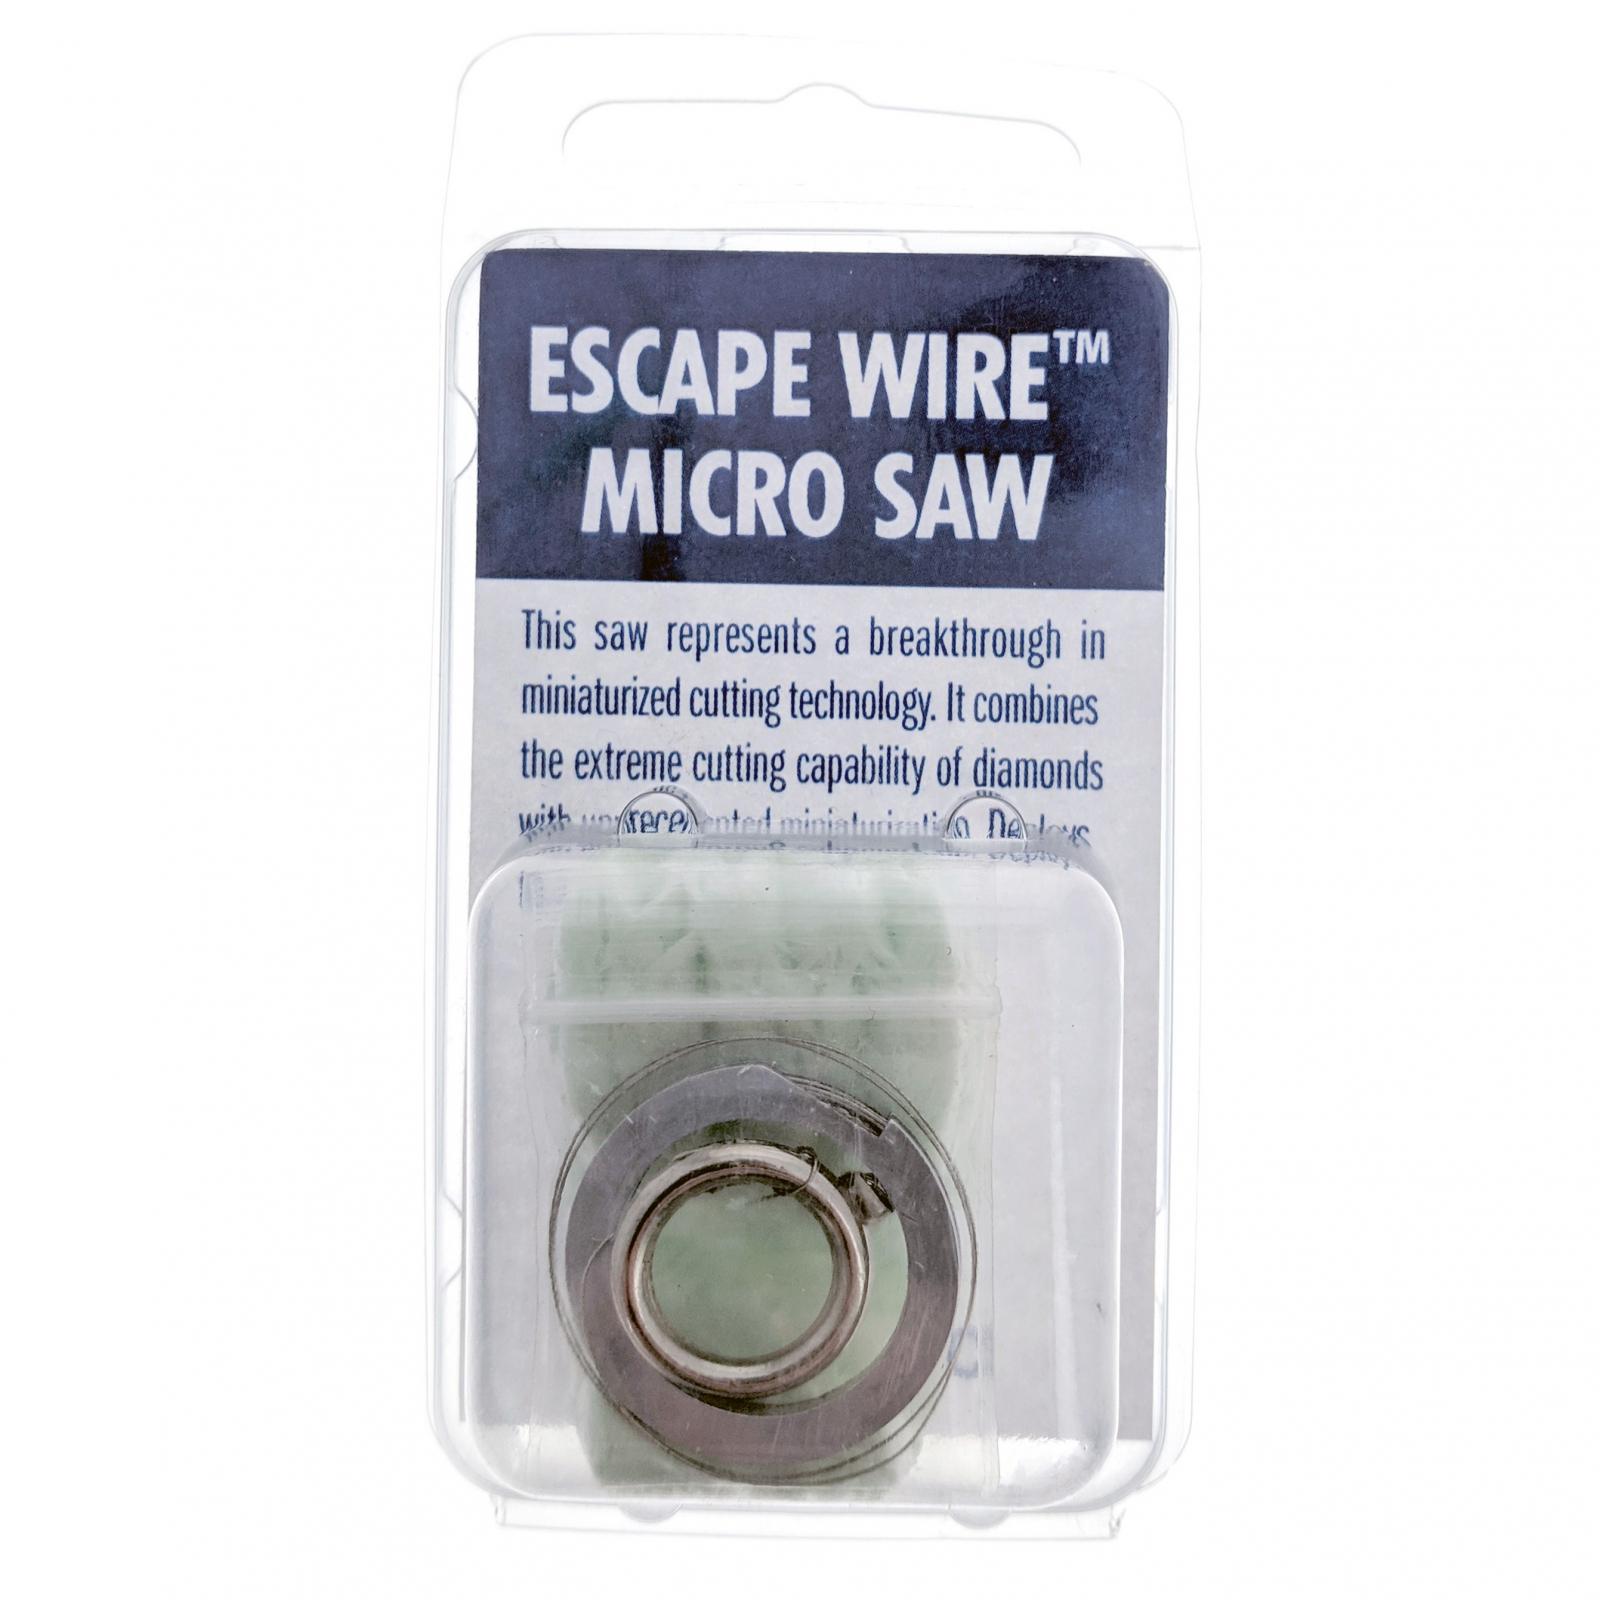 ASR Outdoor Escape Wire Micro Saw Survival Self Defense Emergency Evasion Tool